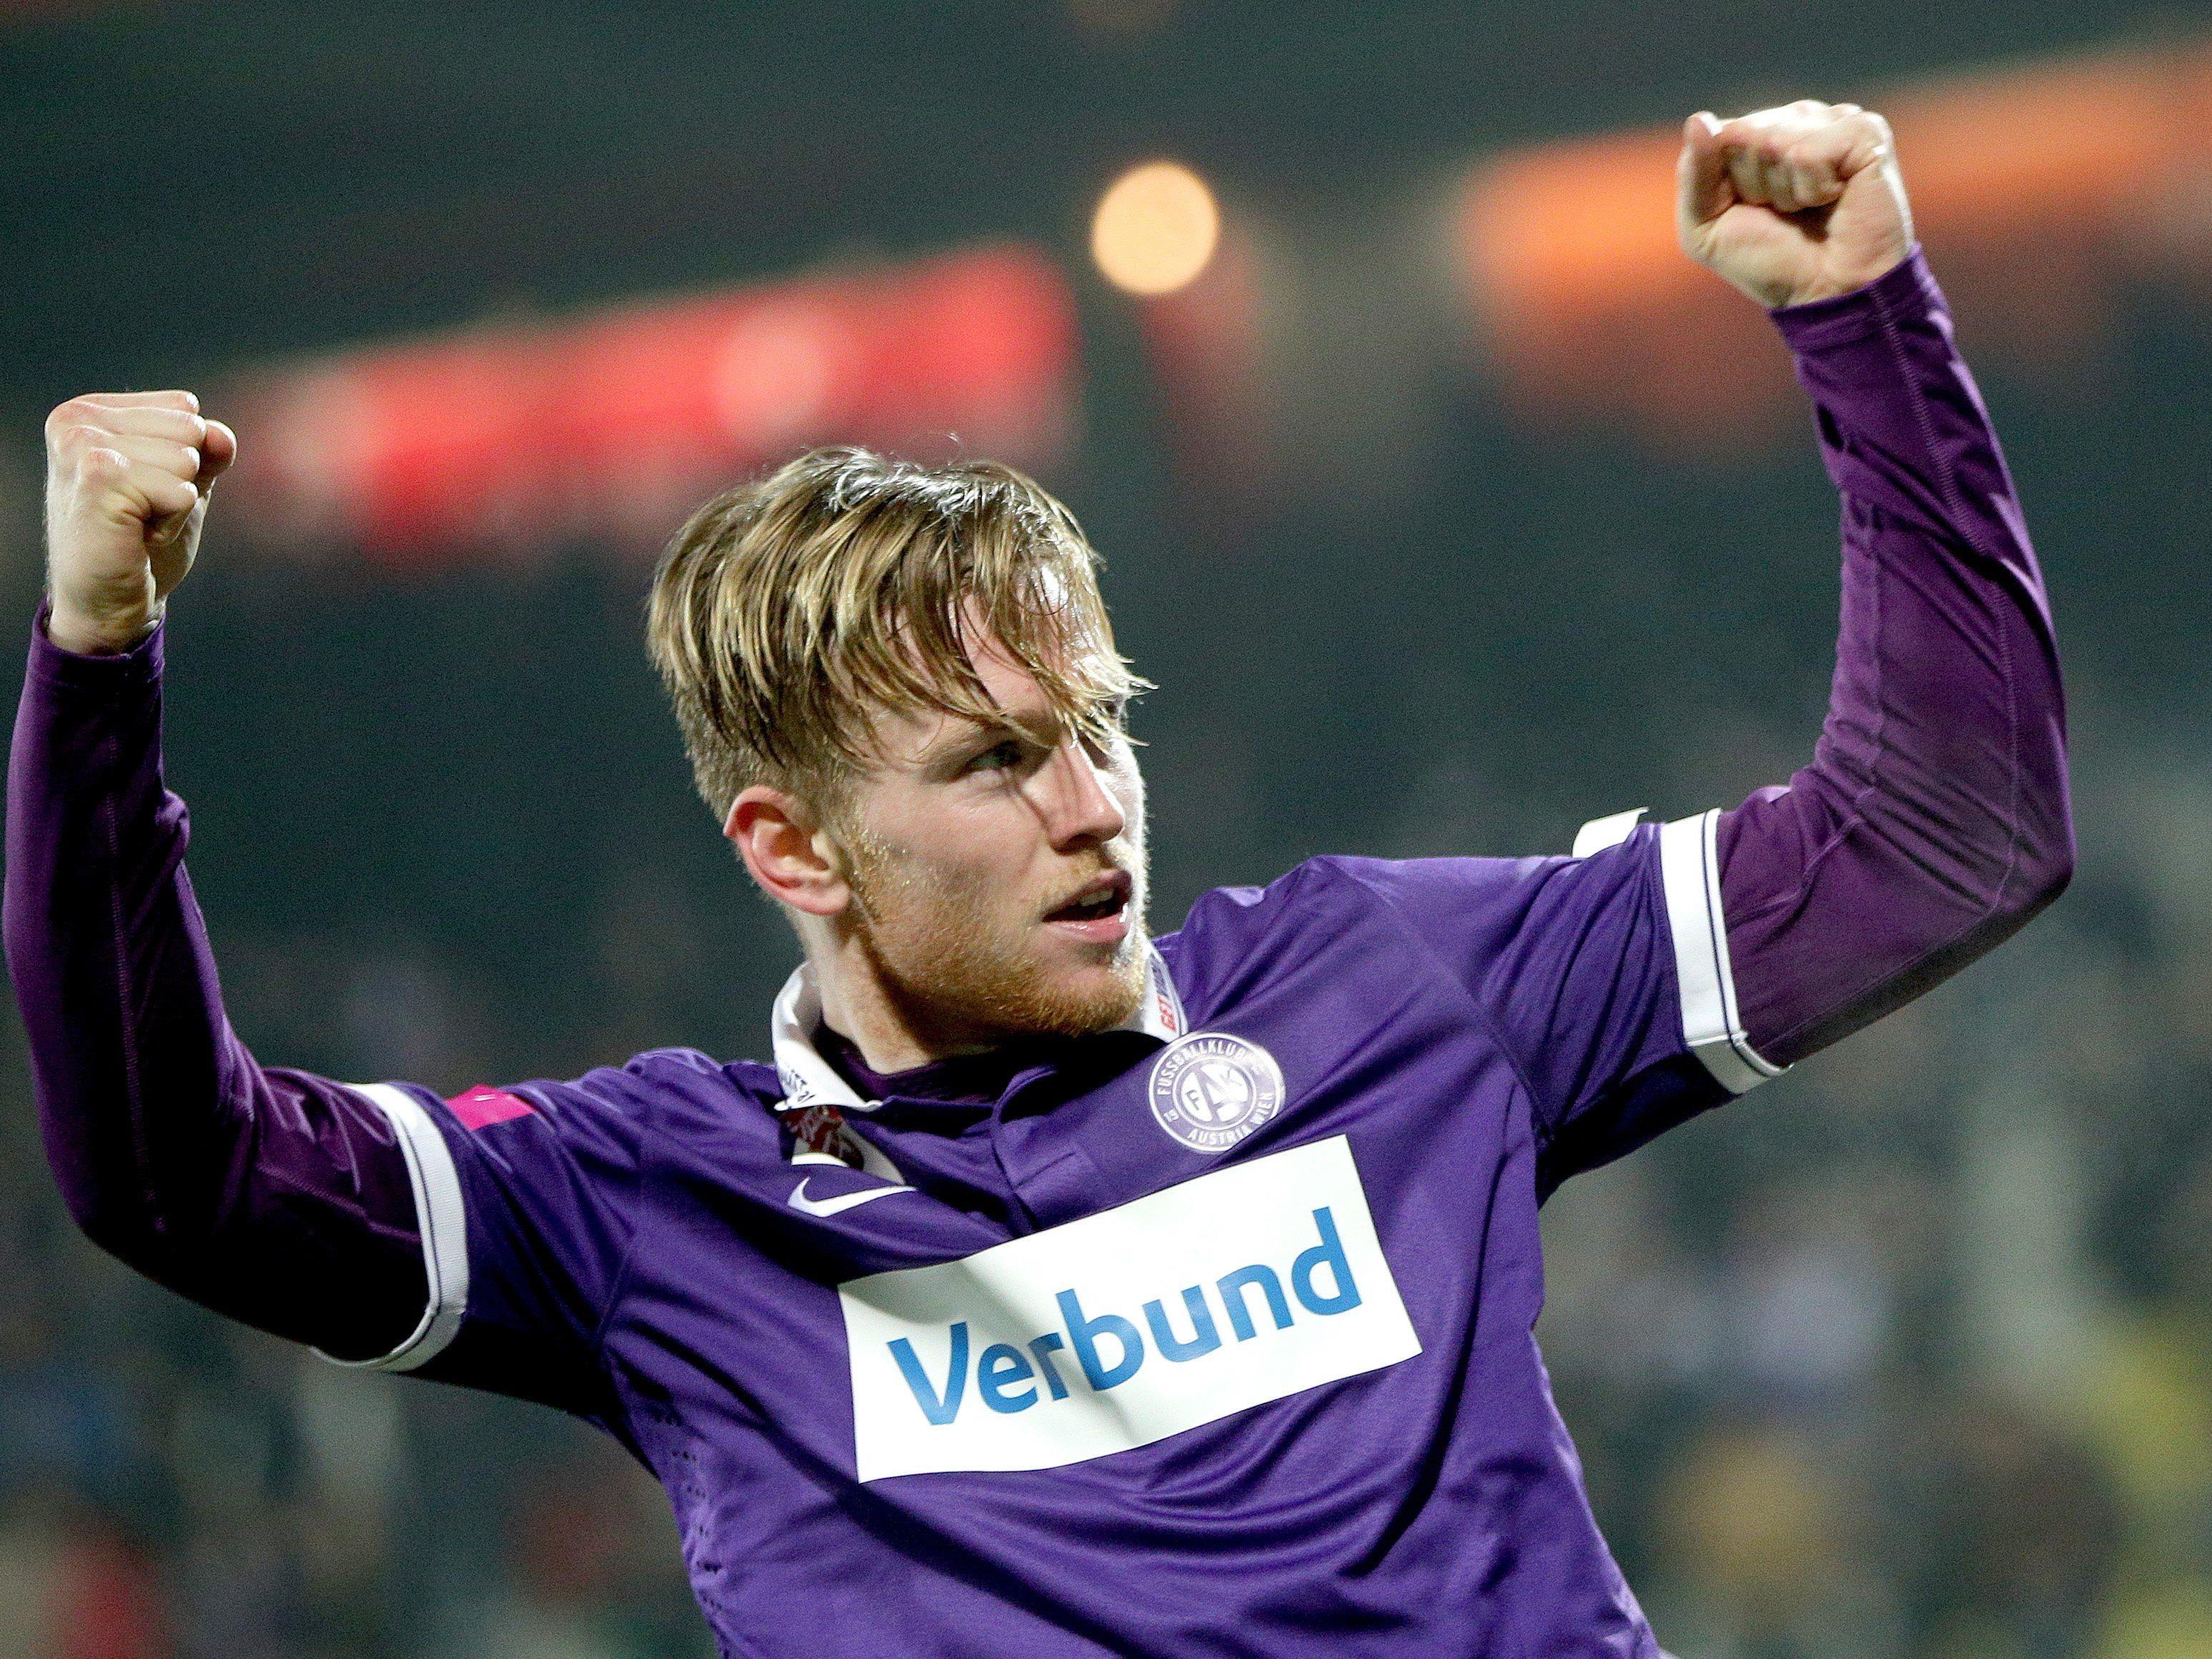 Kevin Friesenbichlers Doppelpack brachte der Austria den Cup-Aufstieg.